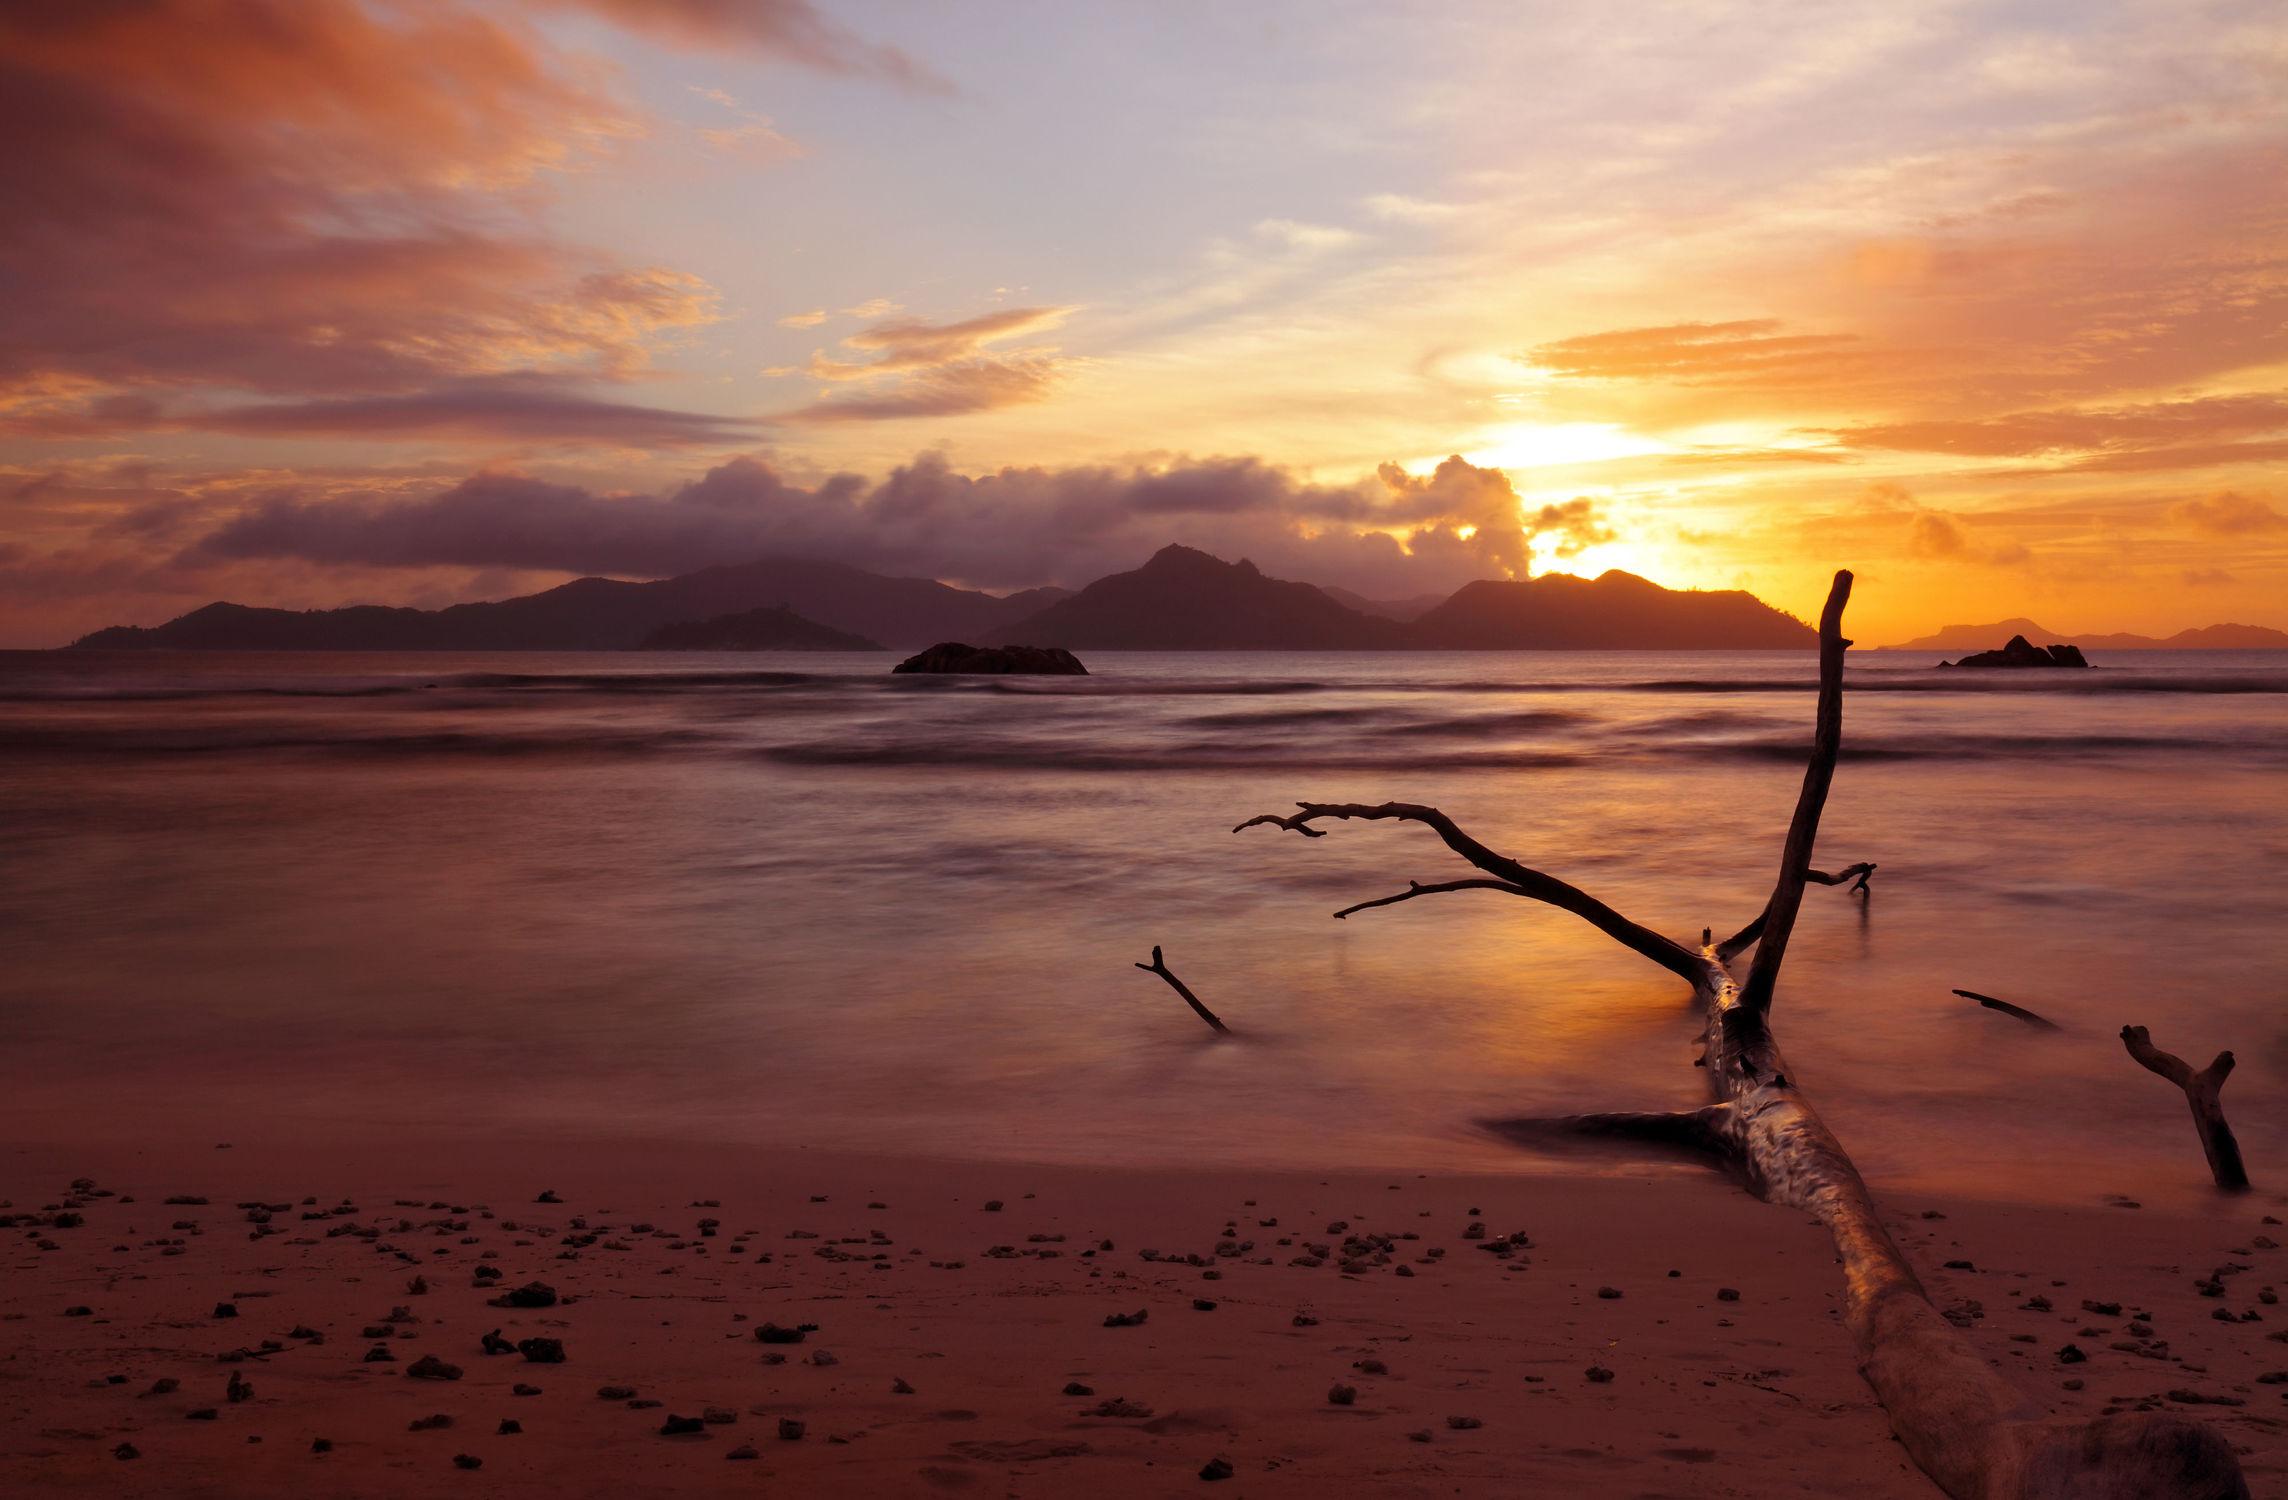 Bild mit Natur, Wasser, Meere, Sand, Urlaub, Inseln, Strand, Paradies, Abendstimmung